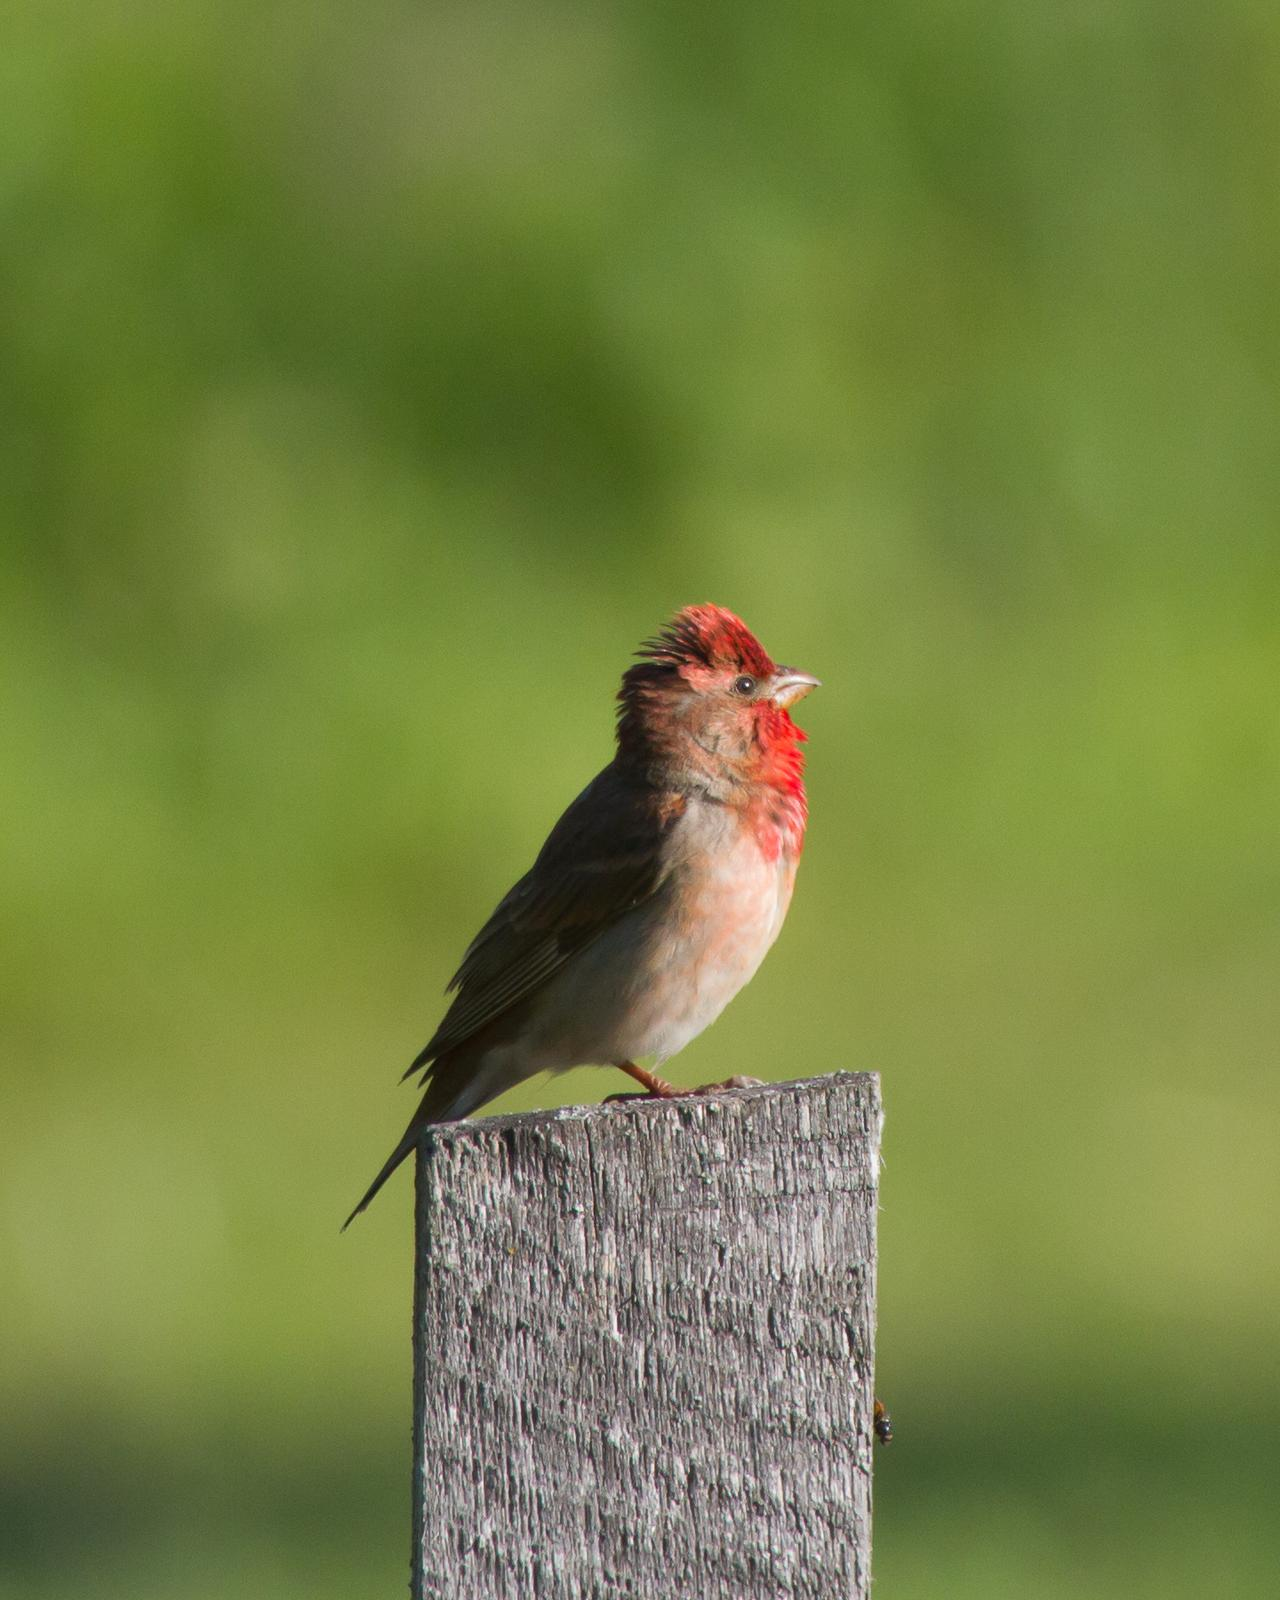 Common Rosefinch Photo by Kasia  Ganderska Someya